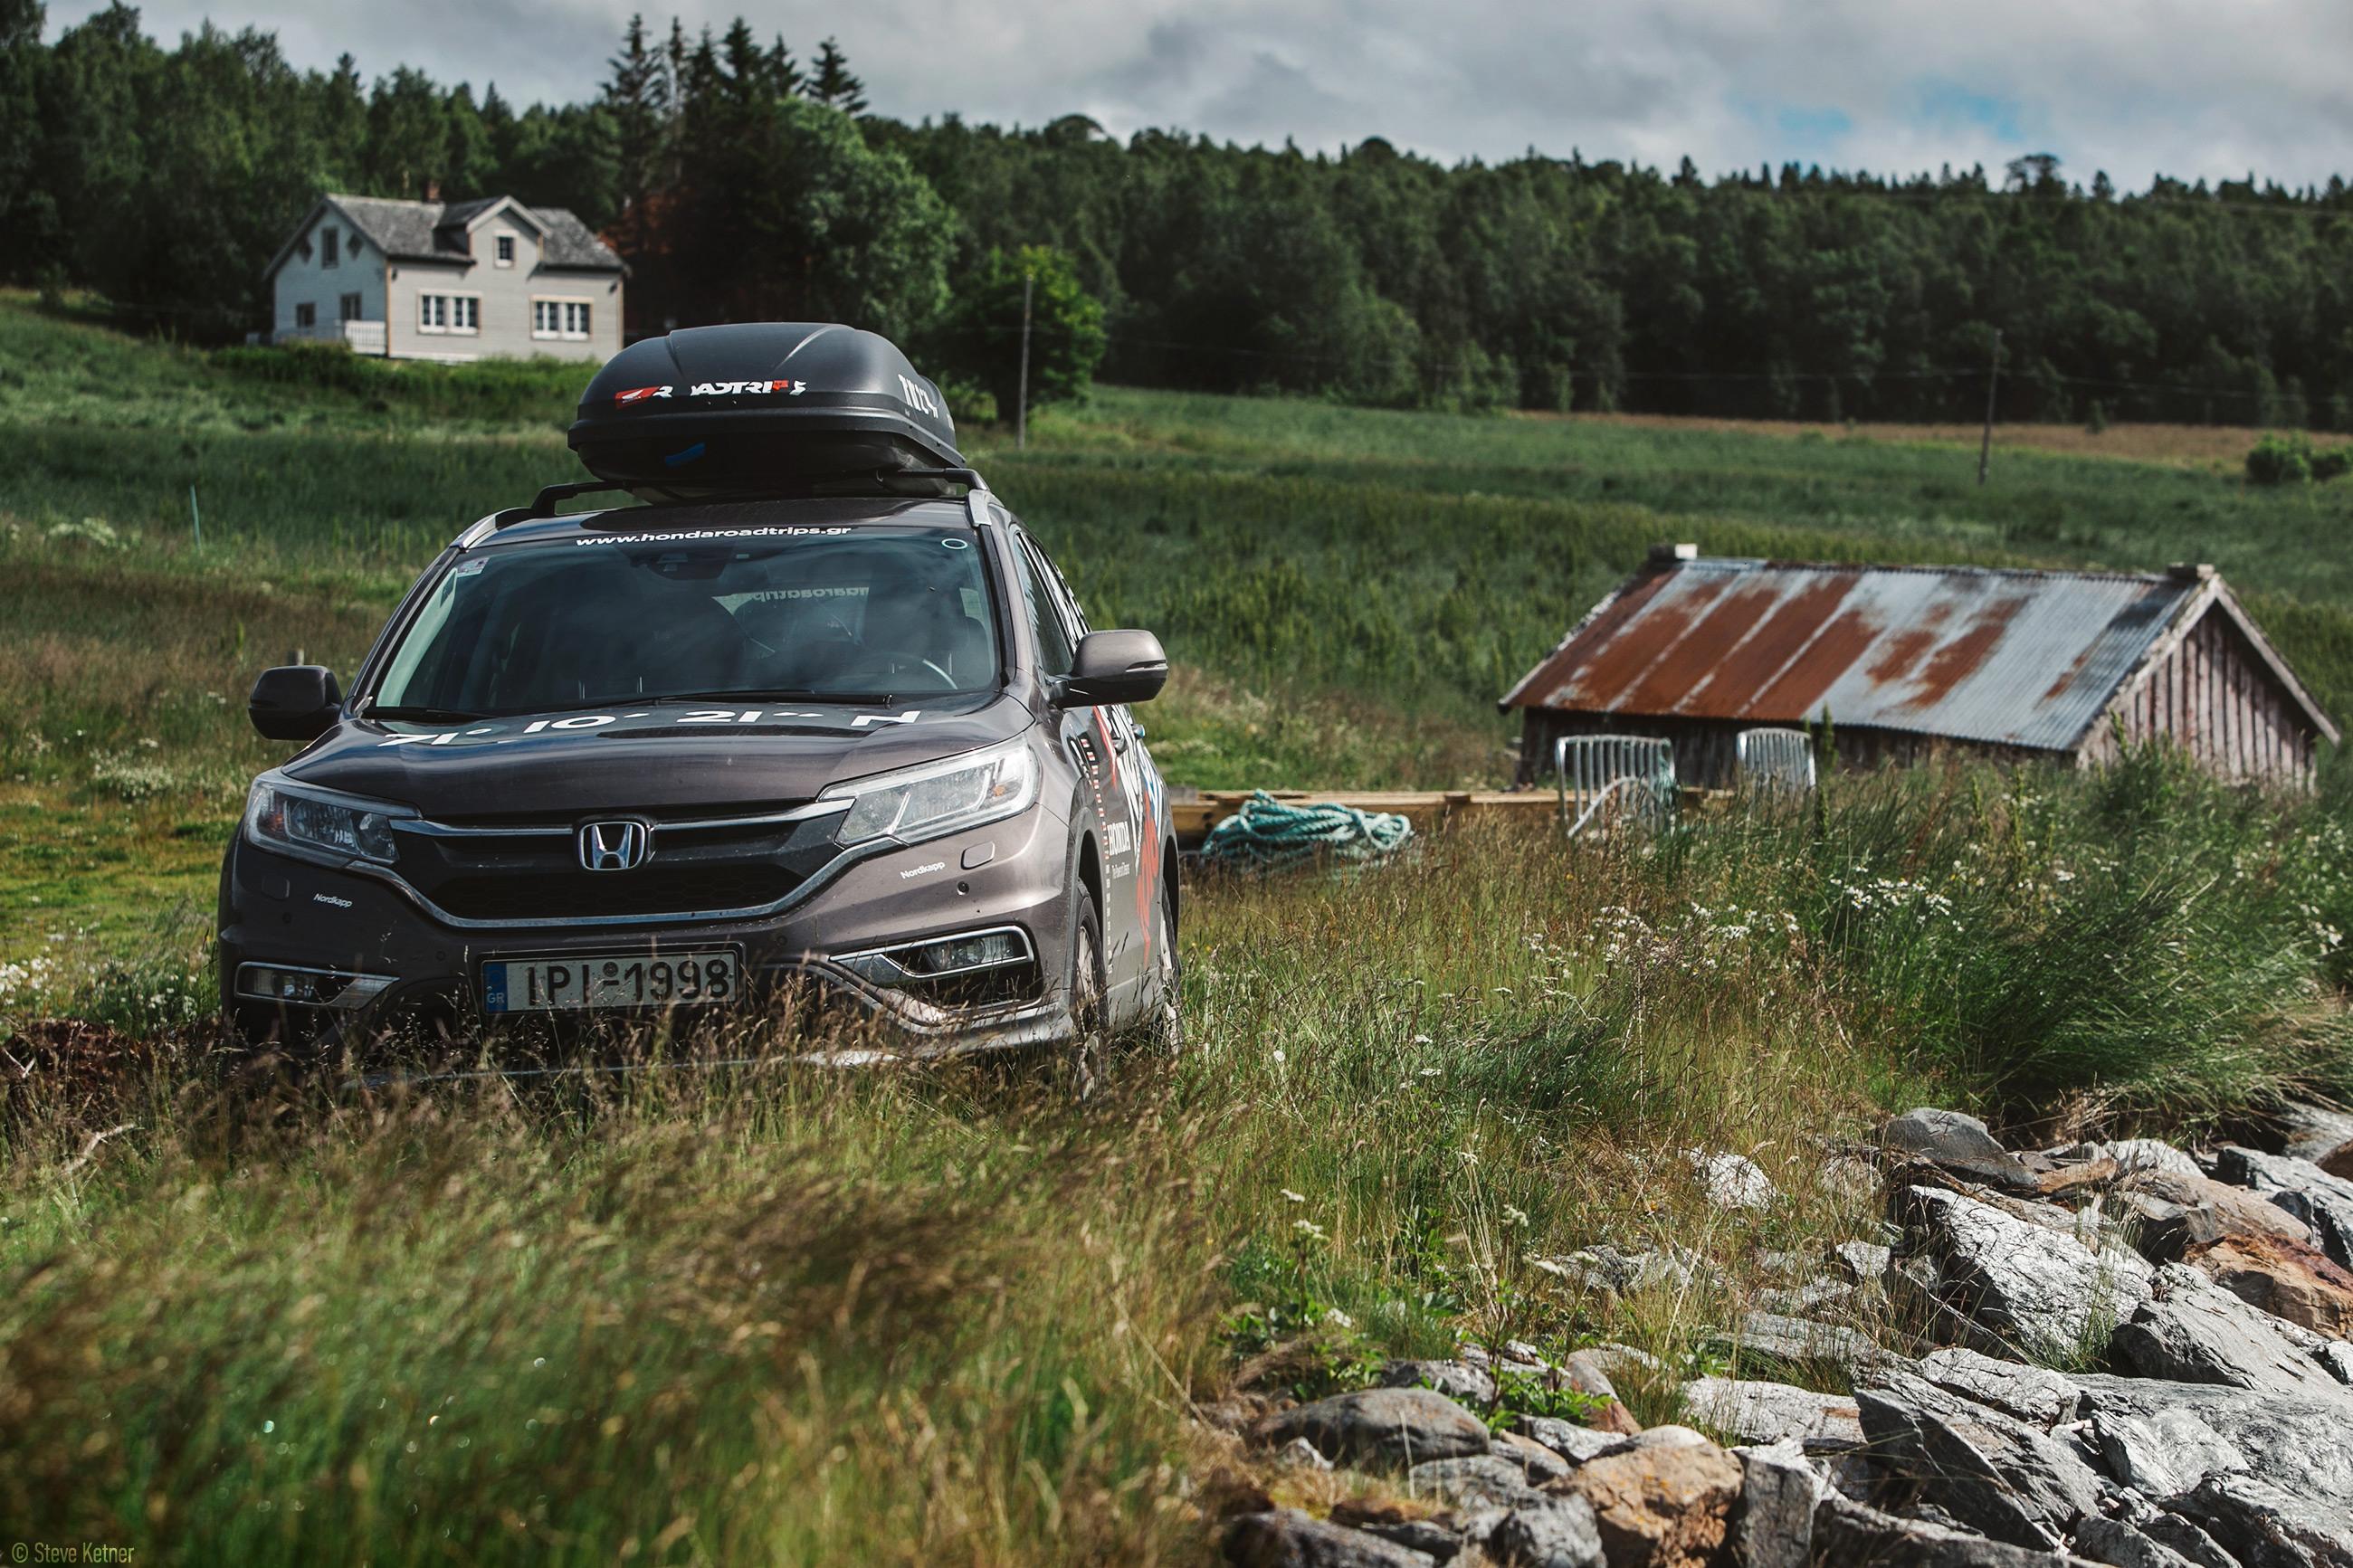 Steve Ketner - Honda CR-V 2016 – Fjords, Norway